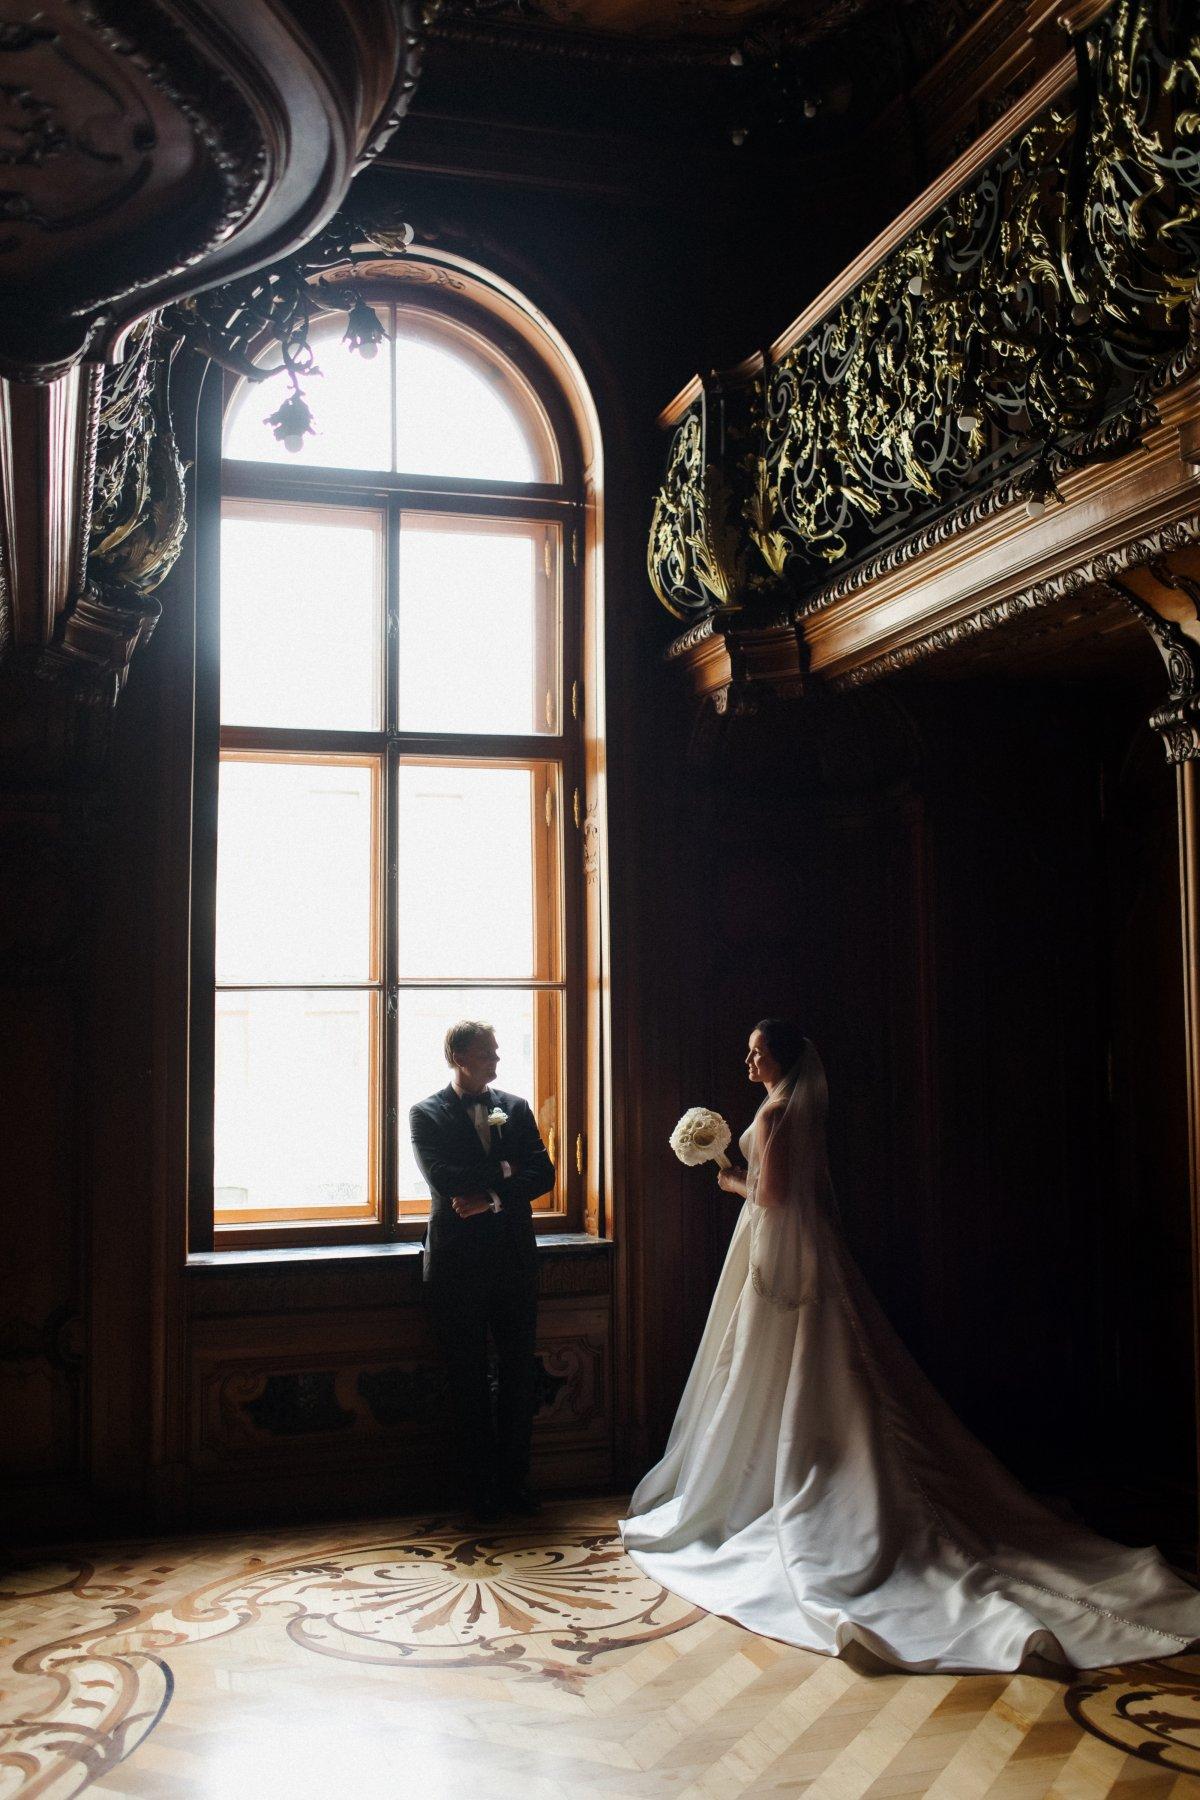 впечатление, что фотосессия в дворянском стиле москва очень доходчиво